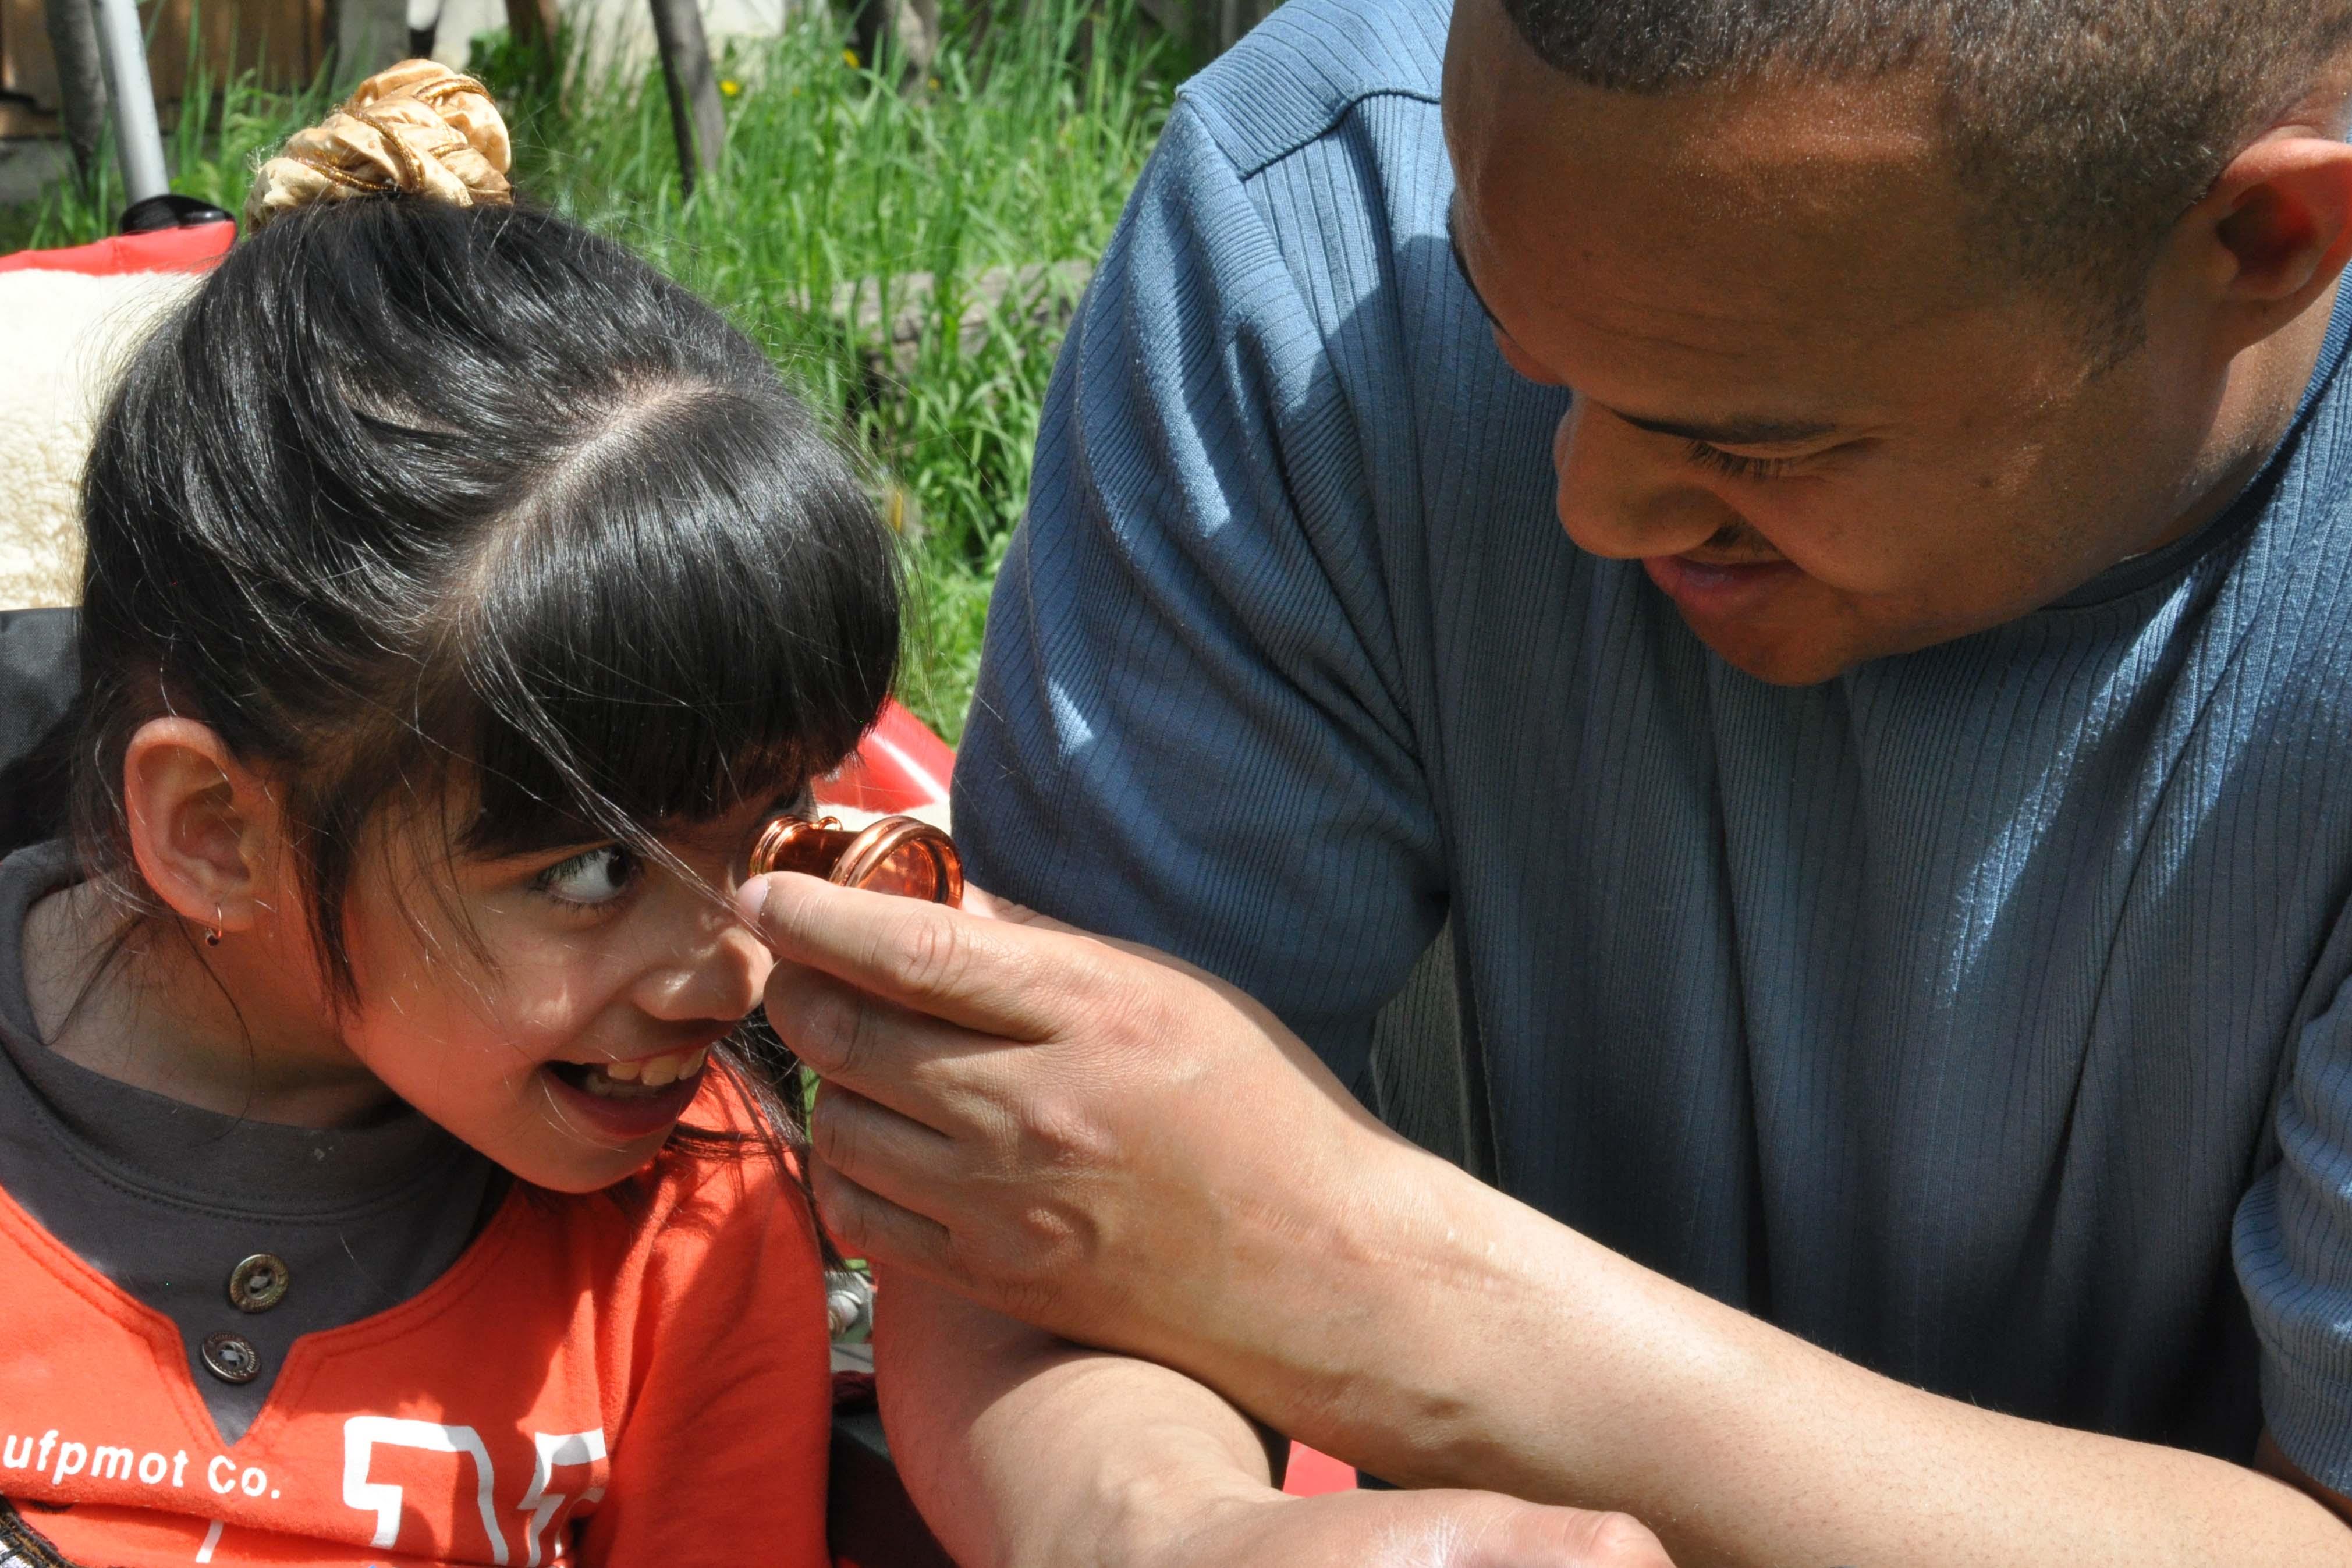 Un hombre negro, con cabello afeitado y llevando una blusa azul, está sentado al lado derecho de una niña en una silla de ruedas, y sostiene  un caleidoscopio en su mano para que ella pueda ver a través del caleidoscopio. La niña tiene pelo negro y flequillo y está sonriendo. Ella lleva una camisa de colores naranja y negro. Foto: Carolyn Viss